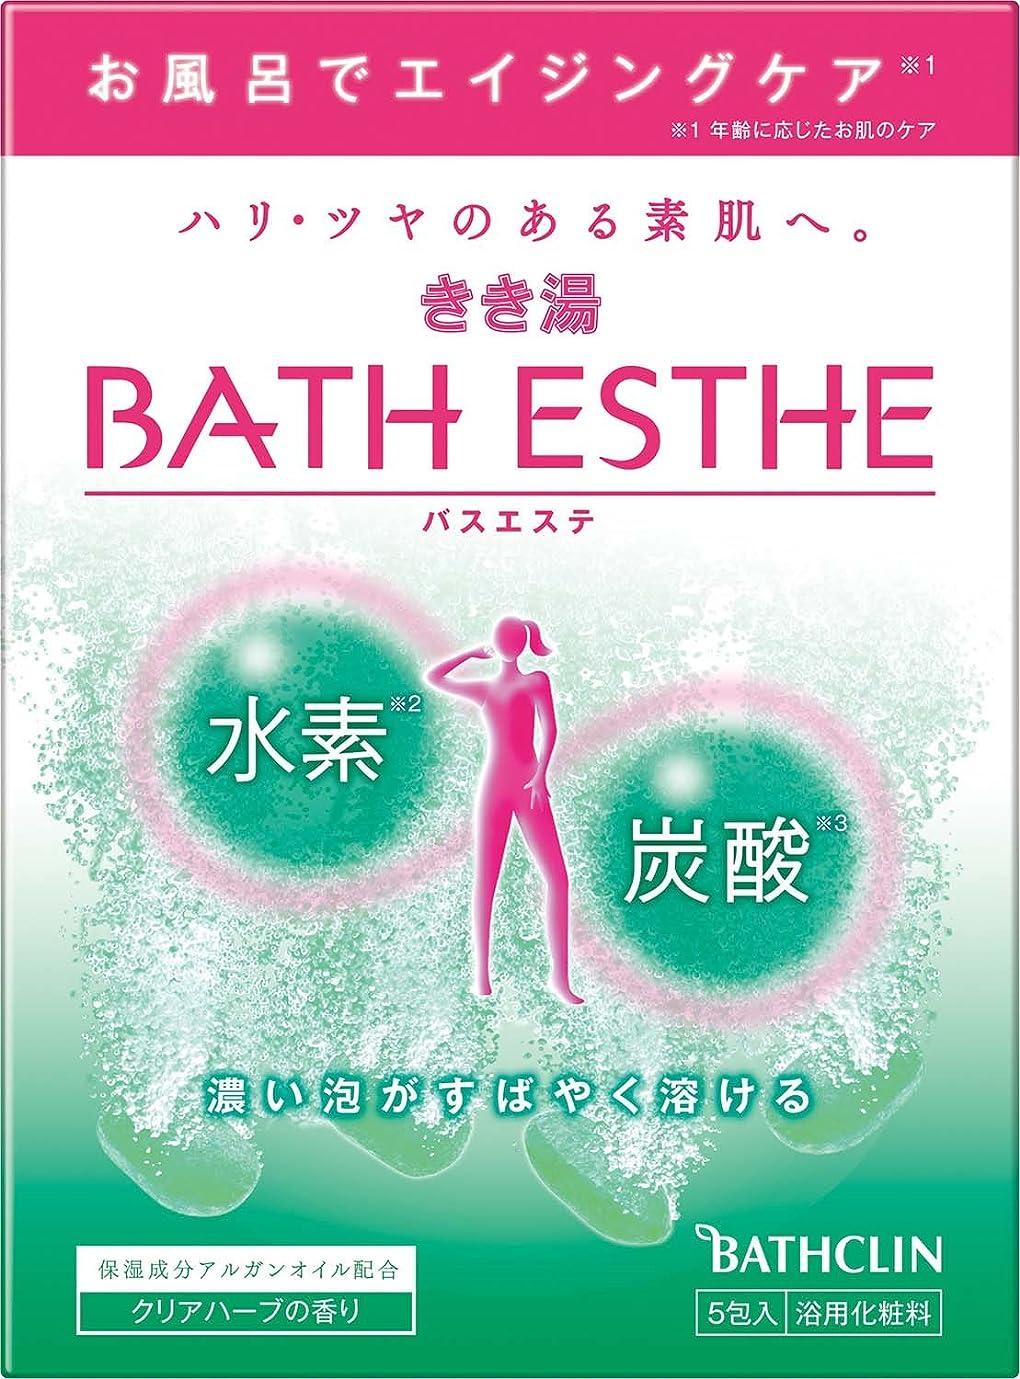 アイドル逆にブロックきき湯バスエステ炭酸水素入浴剤 クリアハーブの香り50g×5包入り 入浴剤 発泡タイプ 個包装